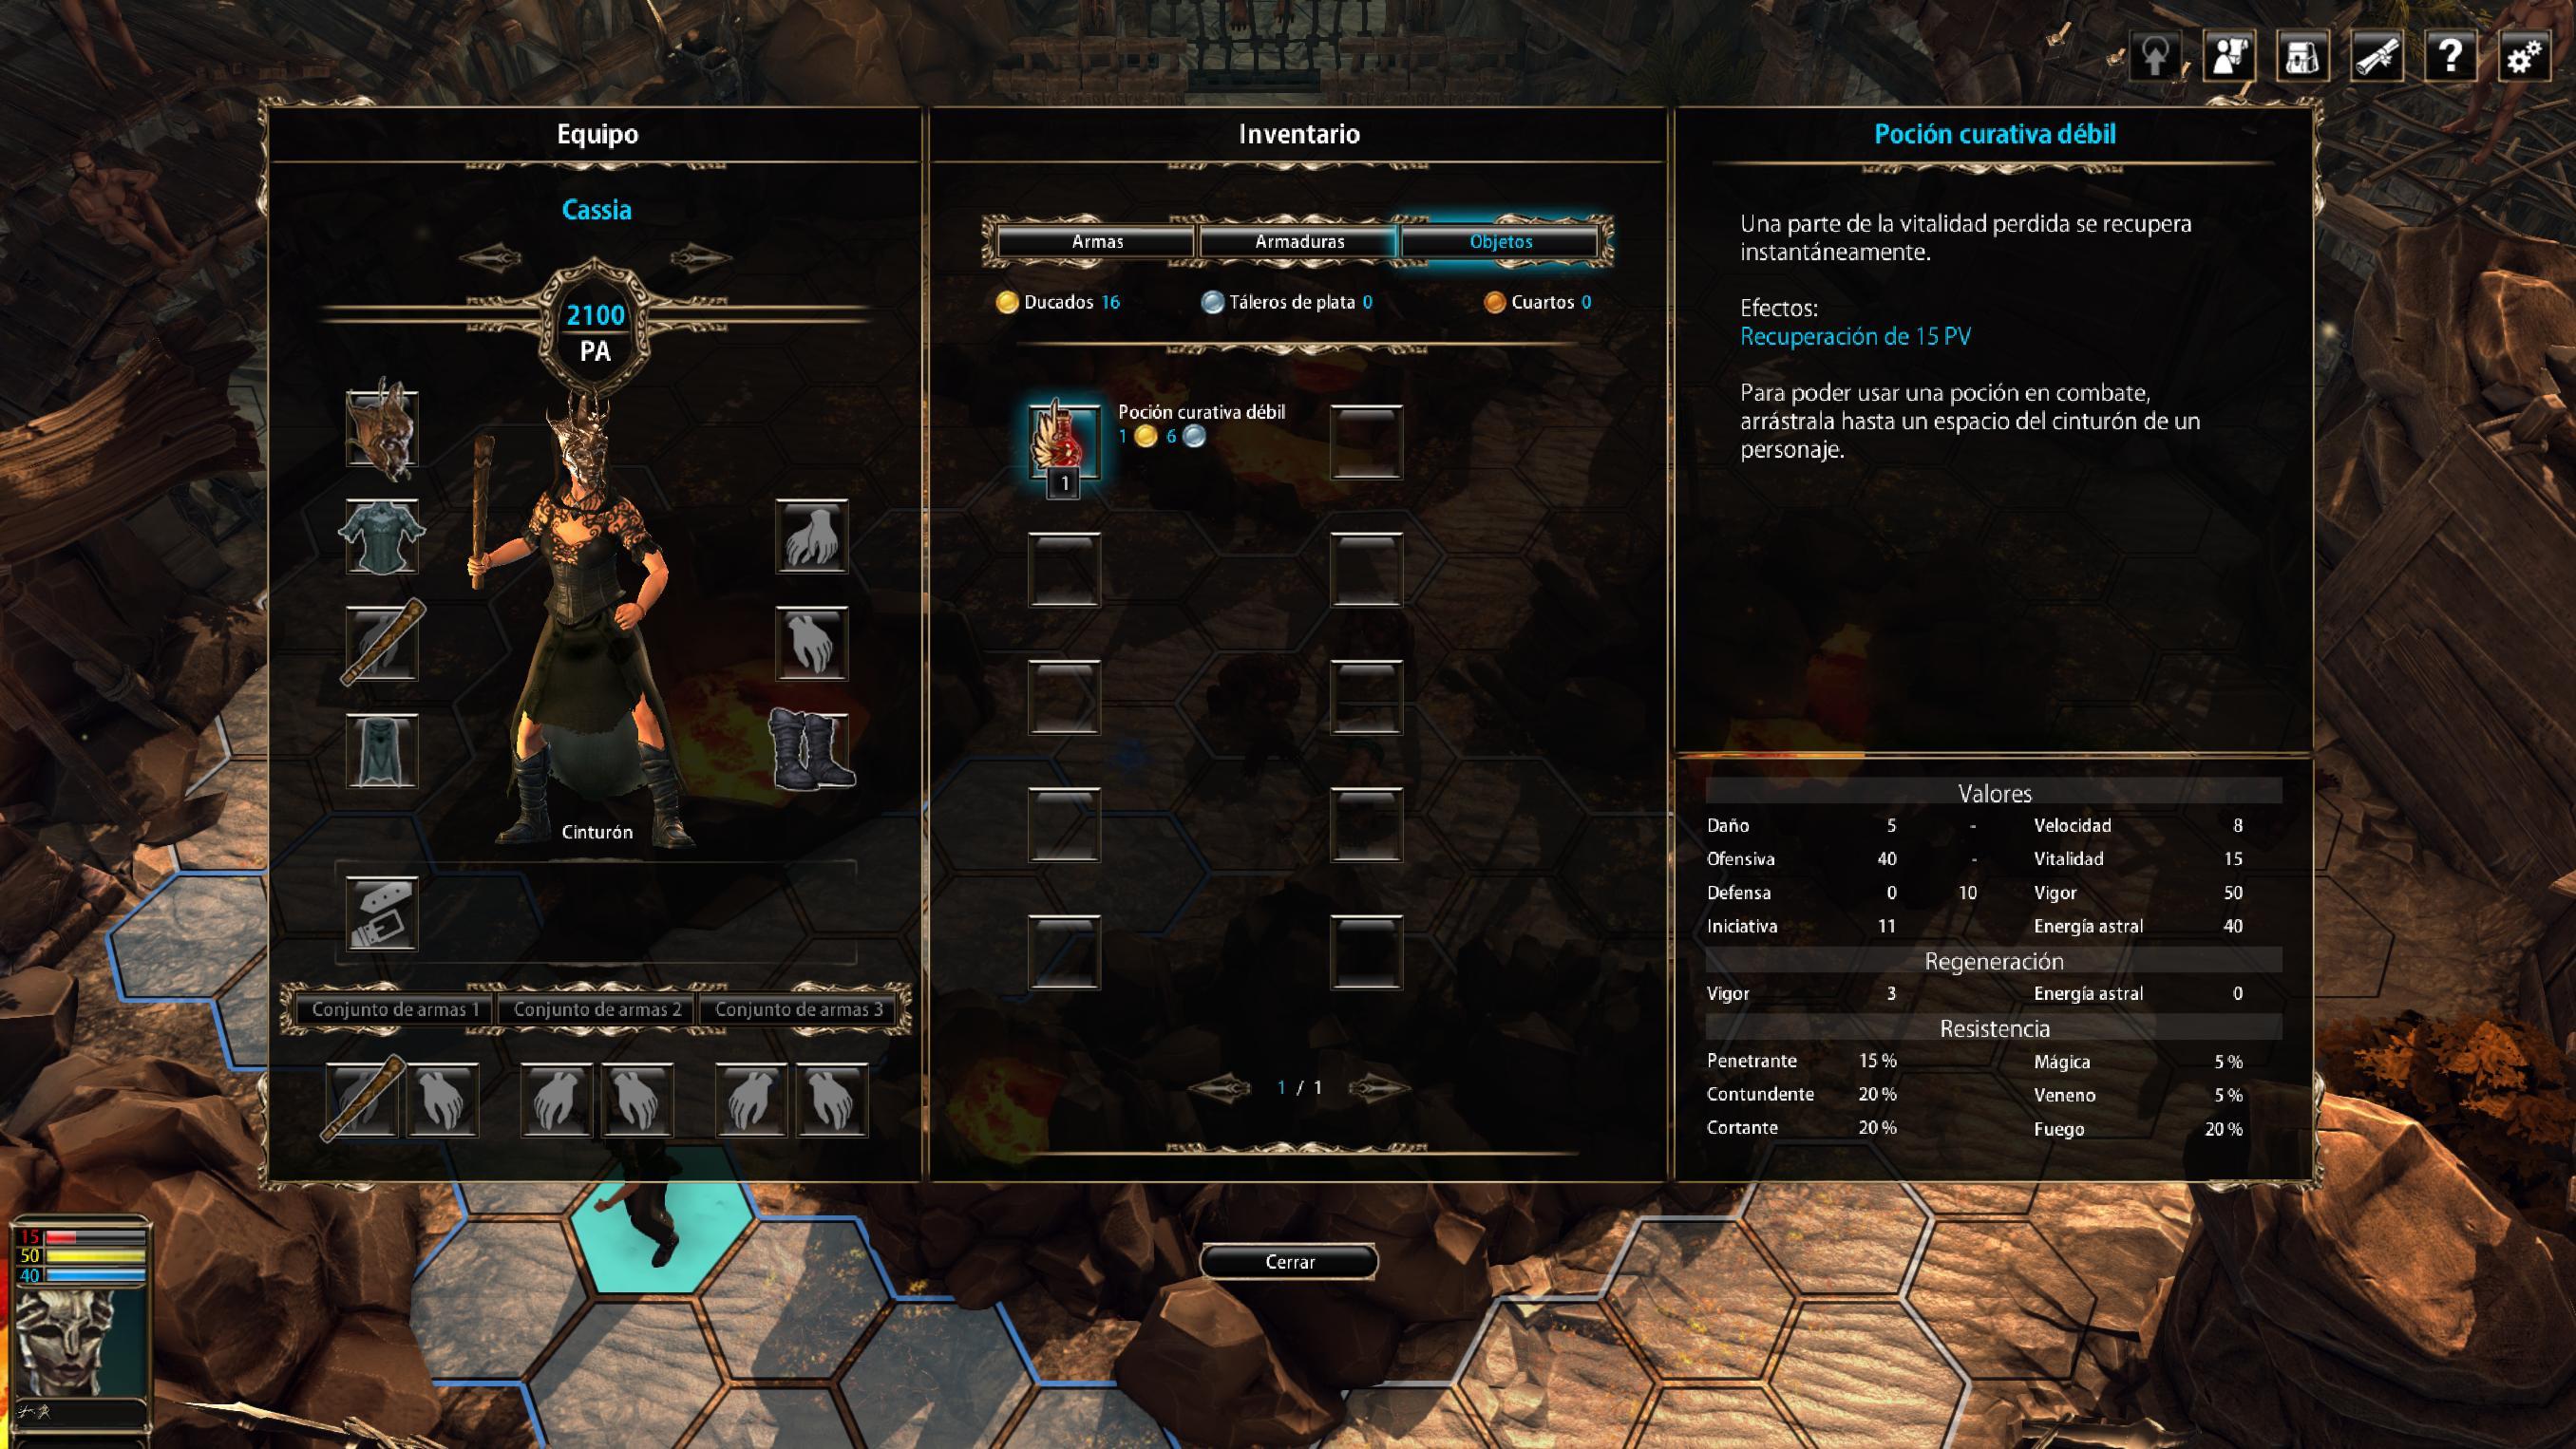 Analisis De Blackguards 2 Para Pc Hobbyconsolas Juegos